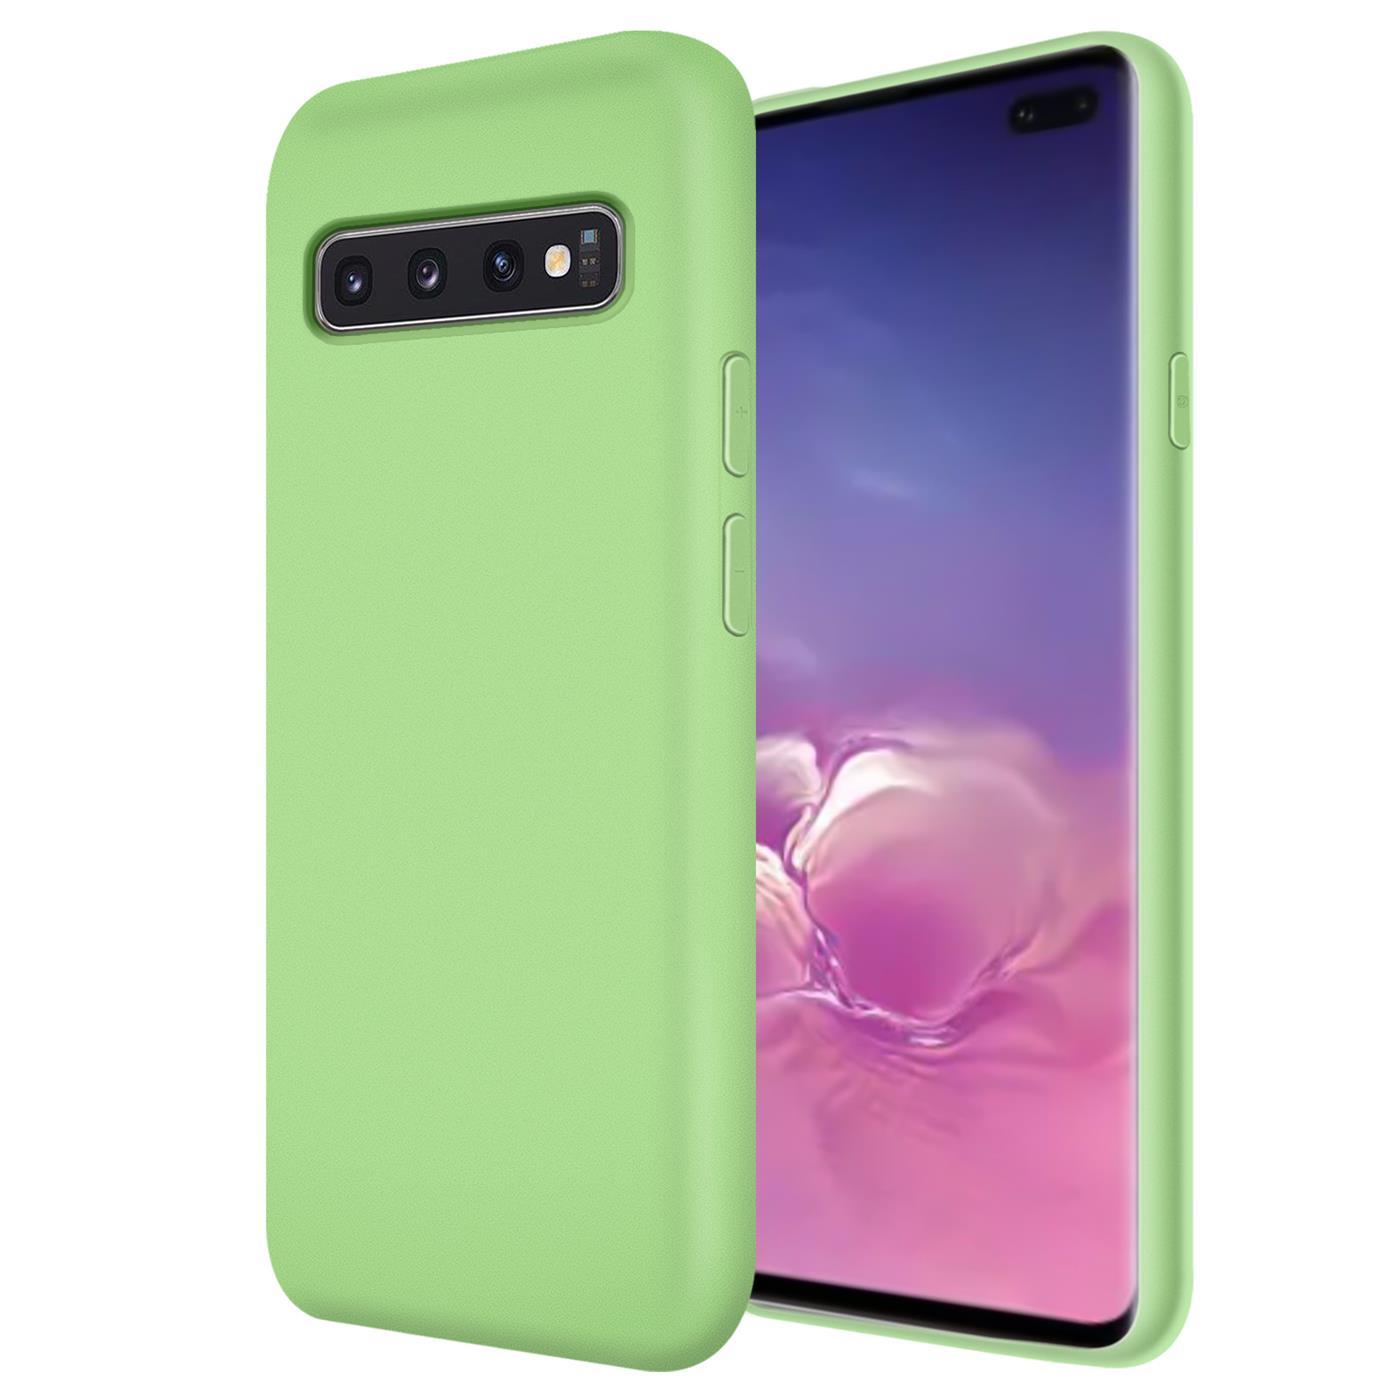 Huelle-Samsung-Galaxy-S10-Handy-Schutz-Cover-Silikon-Gel-Case-Handyhuelle-Tasche Indexbild 12